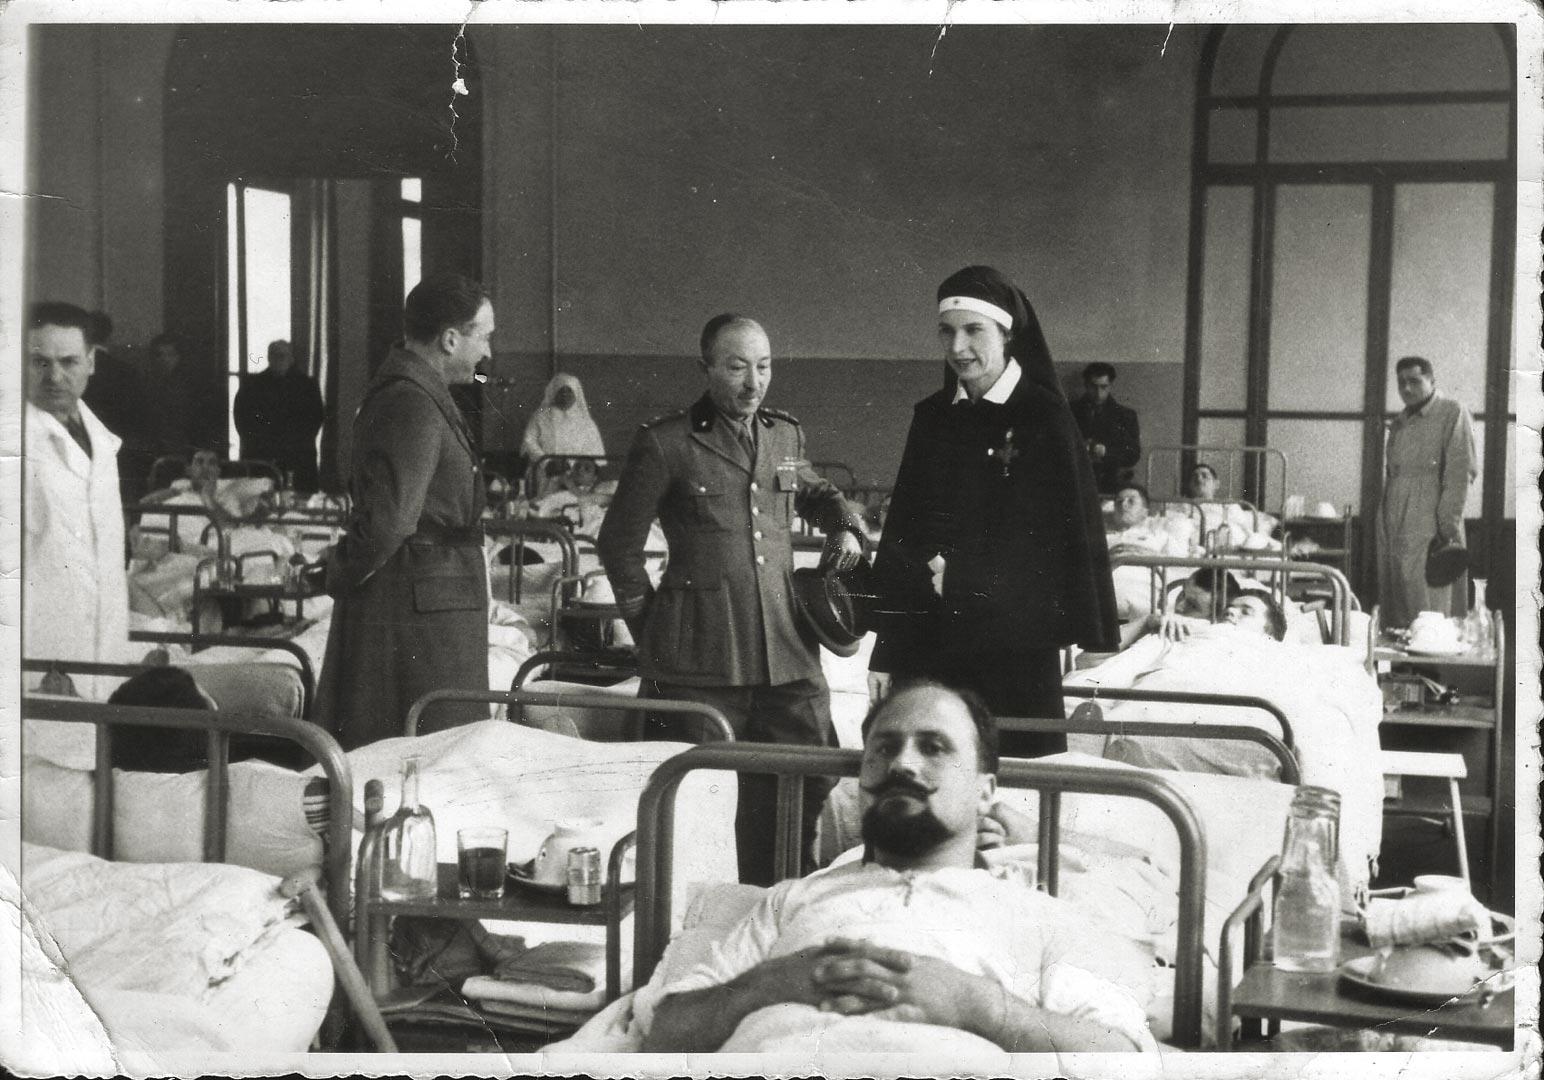 1. Imola, 8 marzo 1941, il primario Francesco D'Agostino a colloquio con la principessa Maria Josè del Belgio nell'ospedale militare allestito alle scuole Carducci (Archivio Cidra)